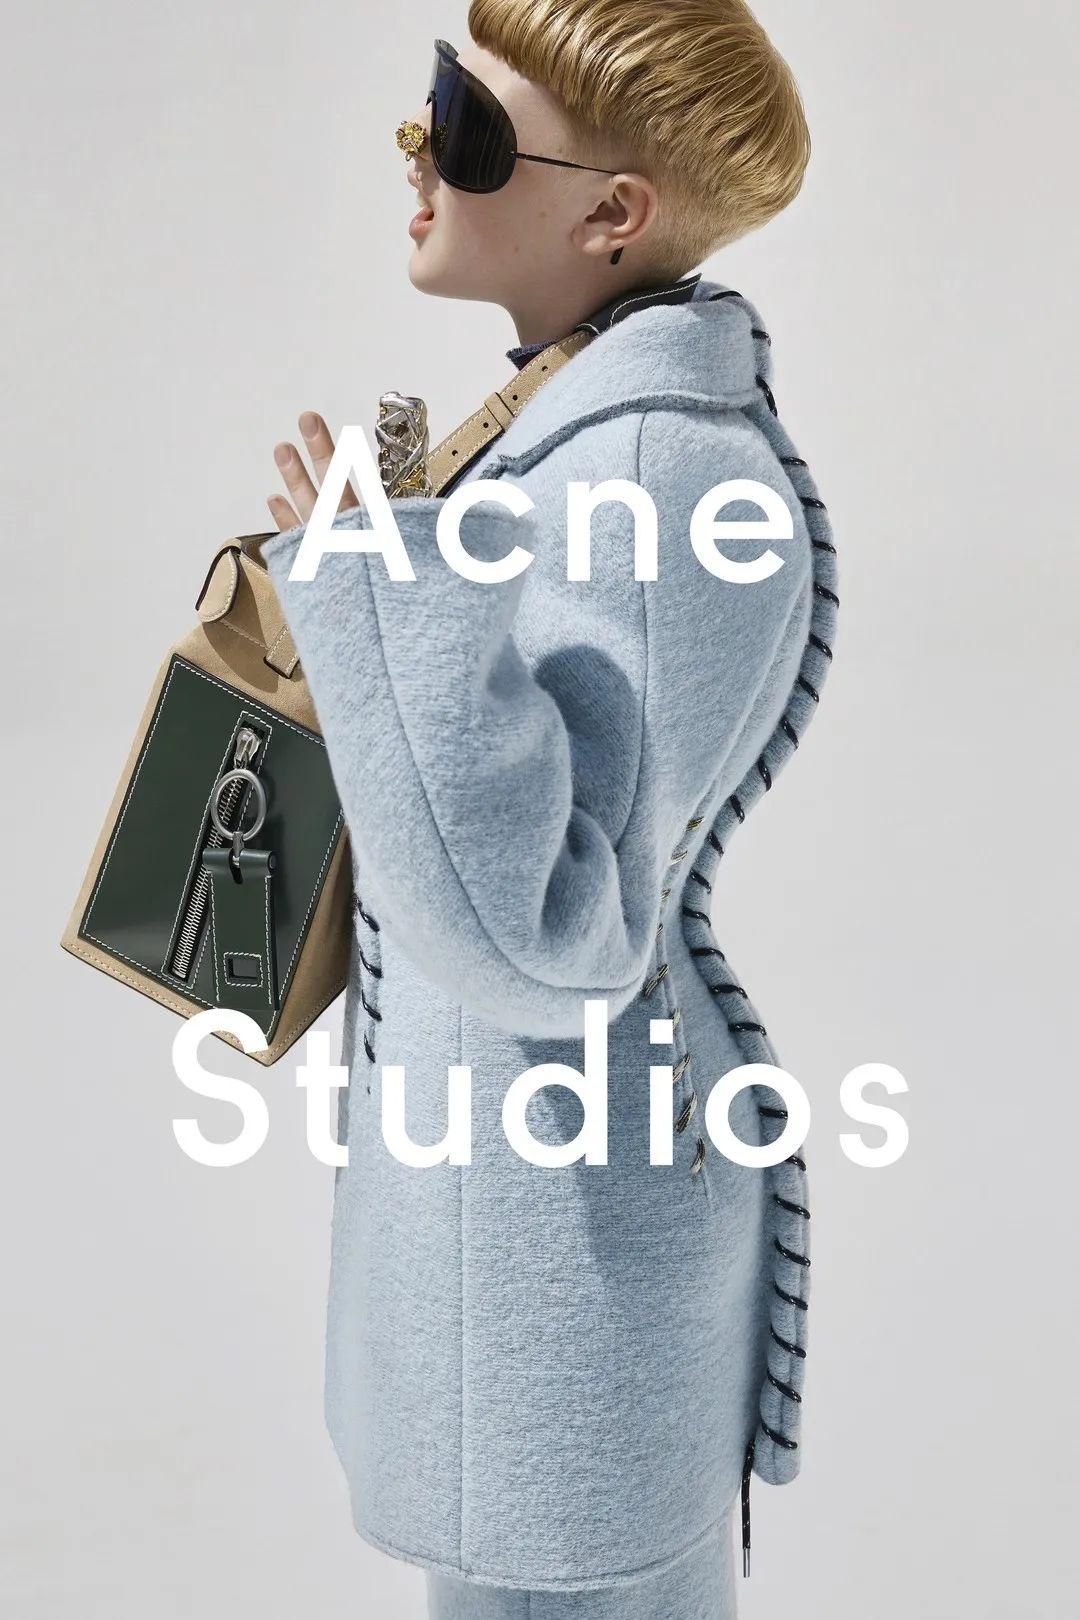 acne是什么牌子(acne studios品牌介绍)